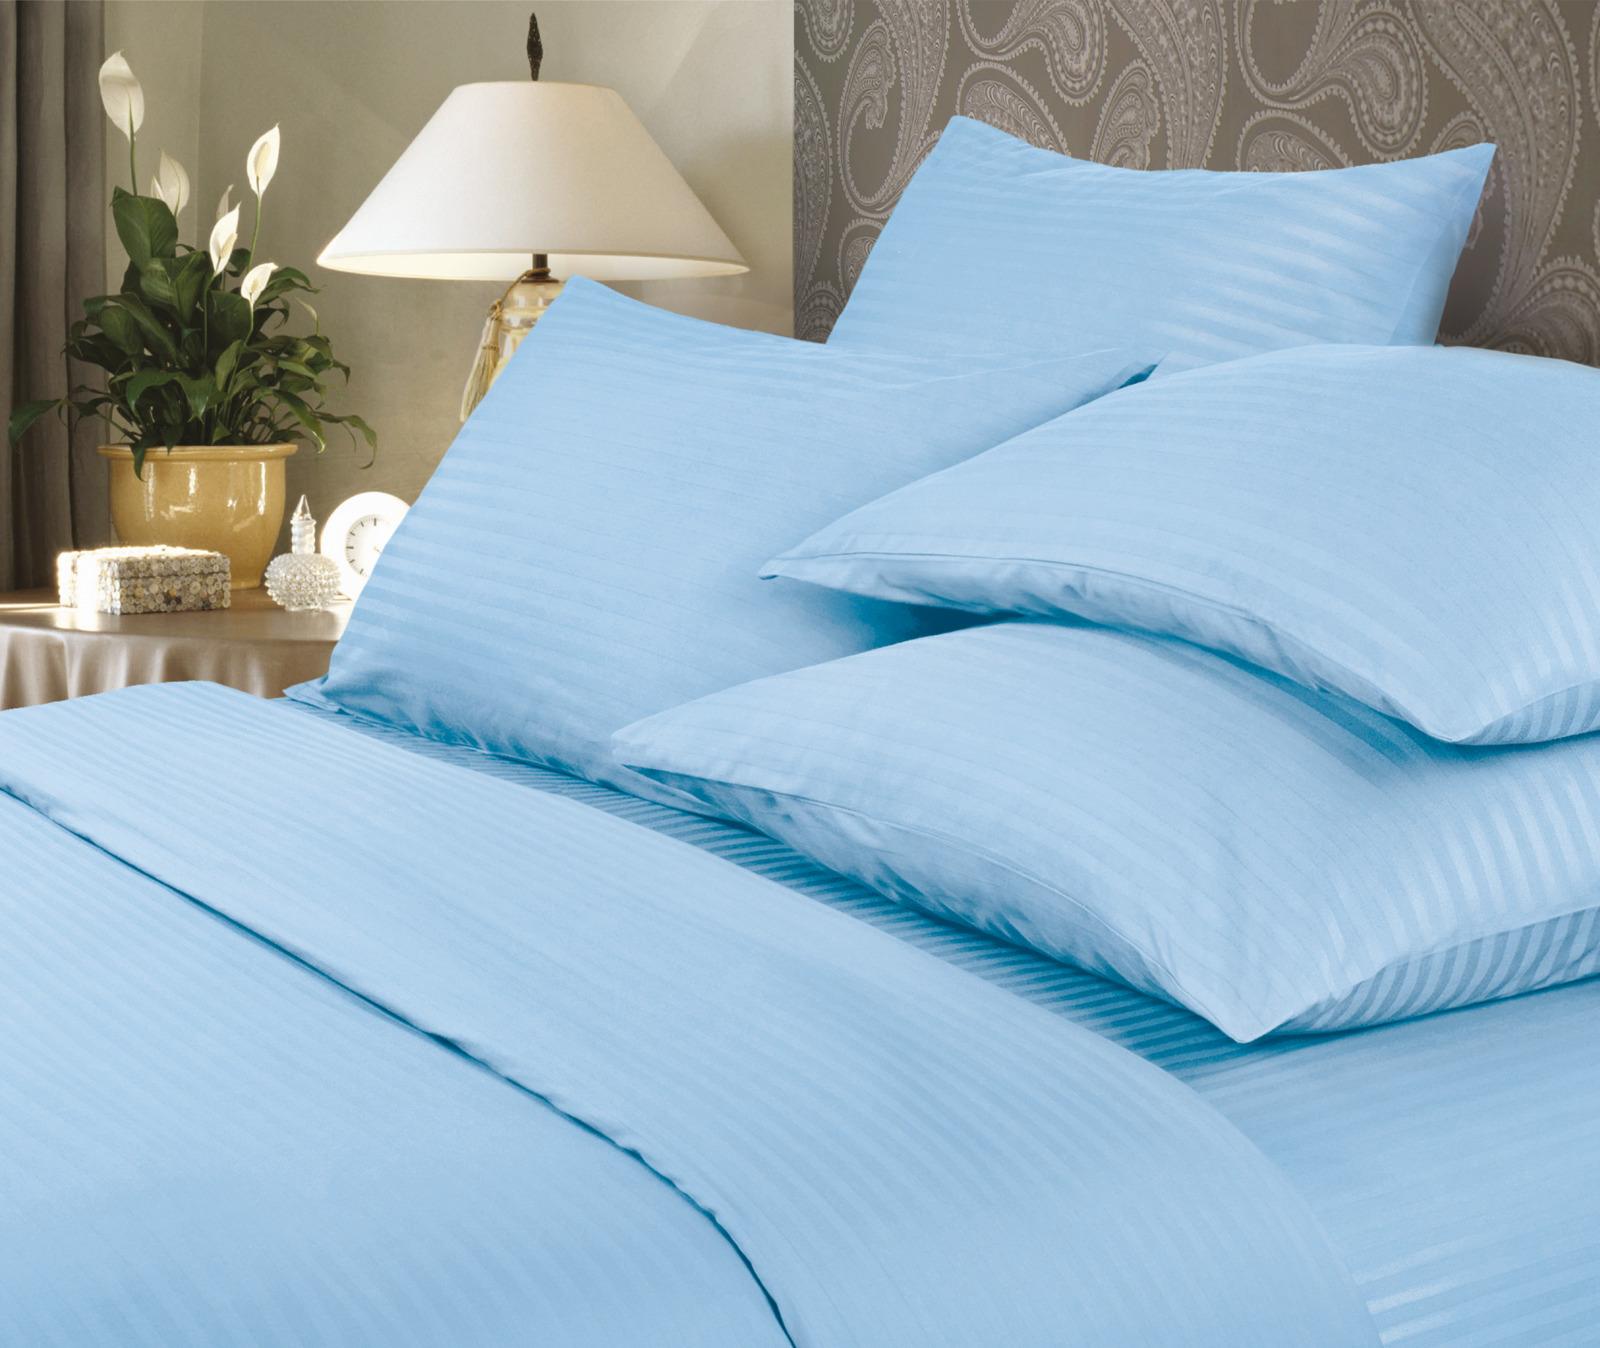 Комплект белья Verossa Sky, 2-спальный, наволочки 50x70. 718992